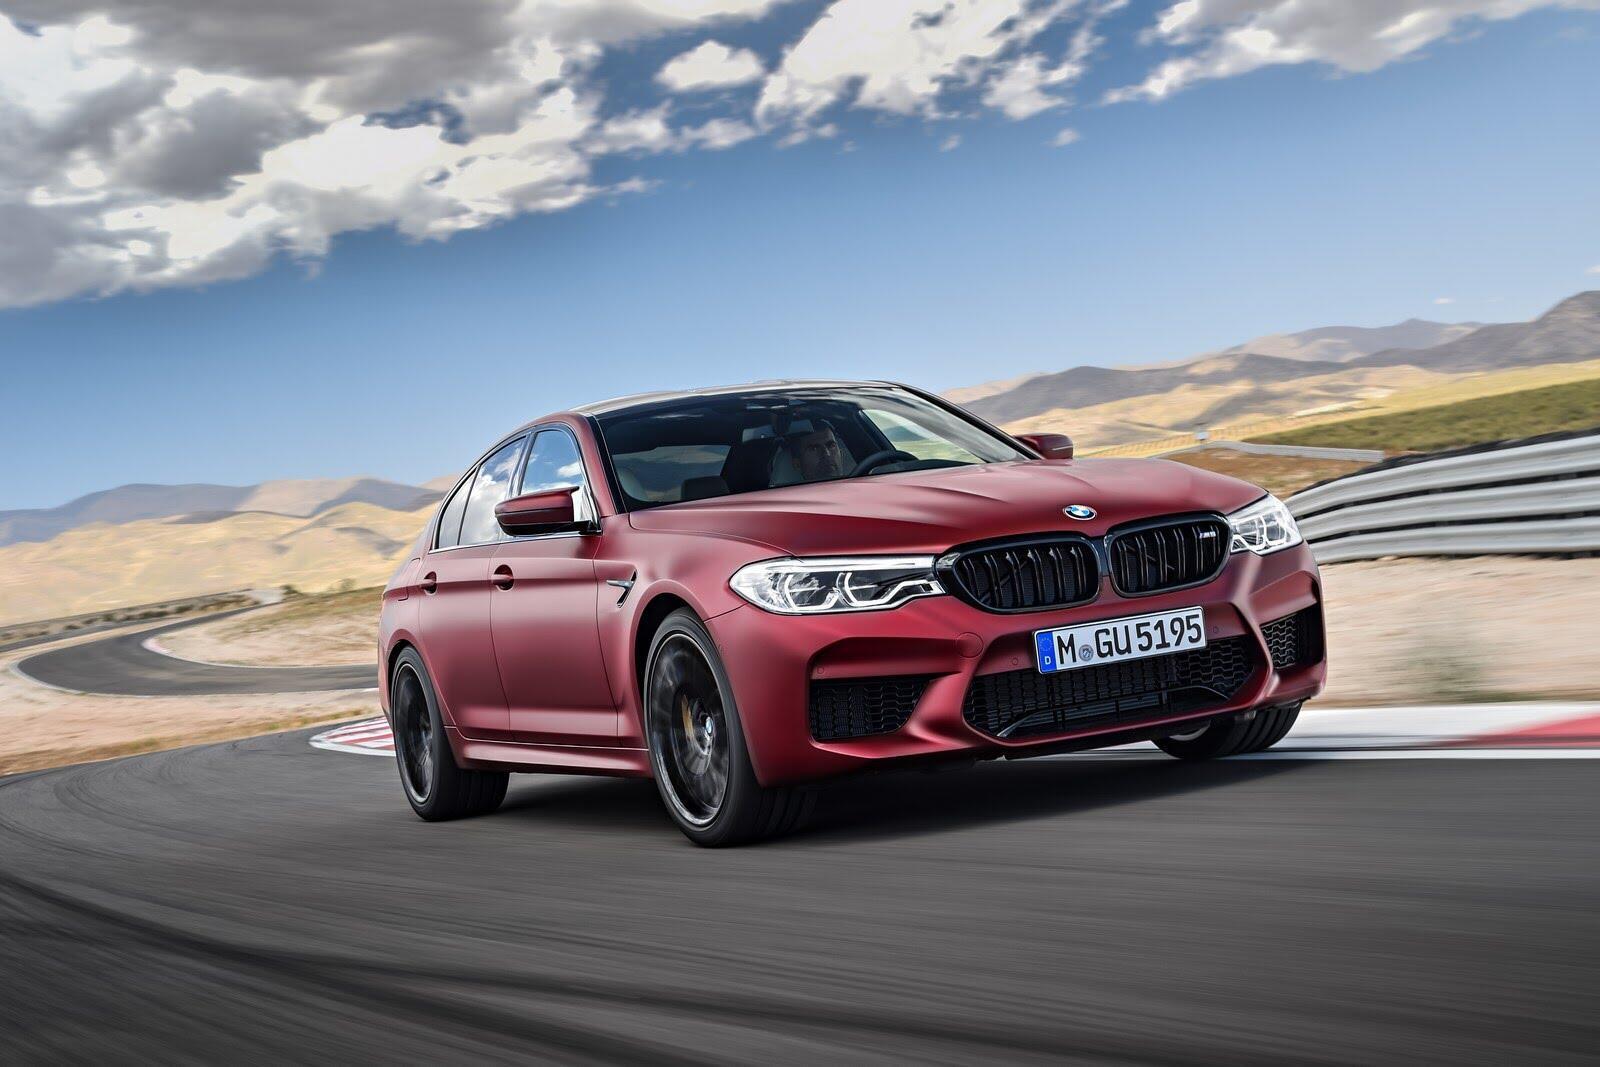 BMW M5 2018 chính thức trình làng với 600 mã lực - Hình 3